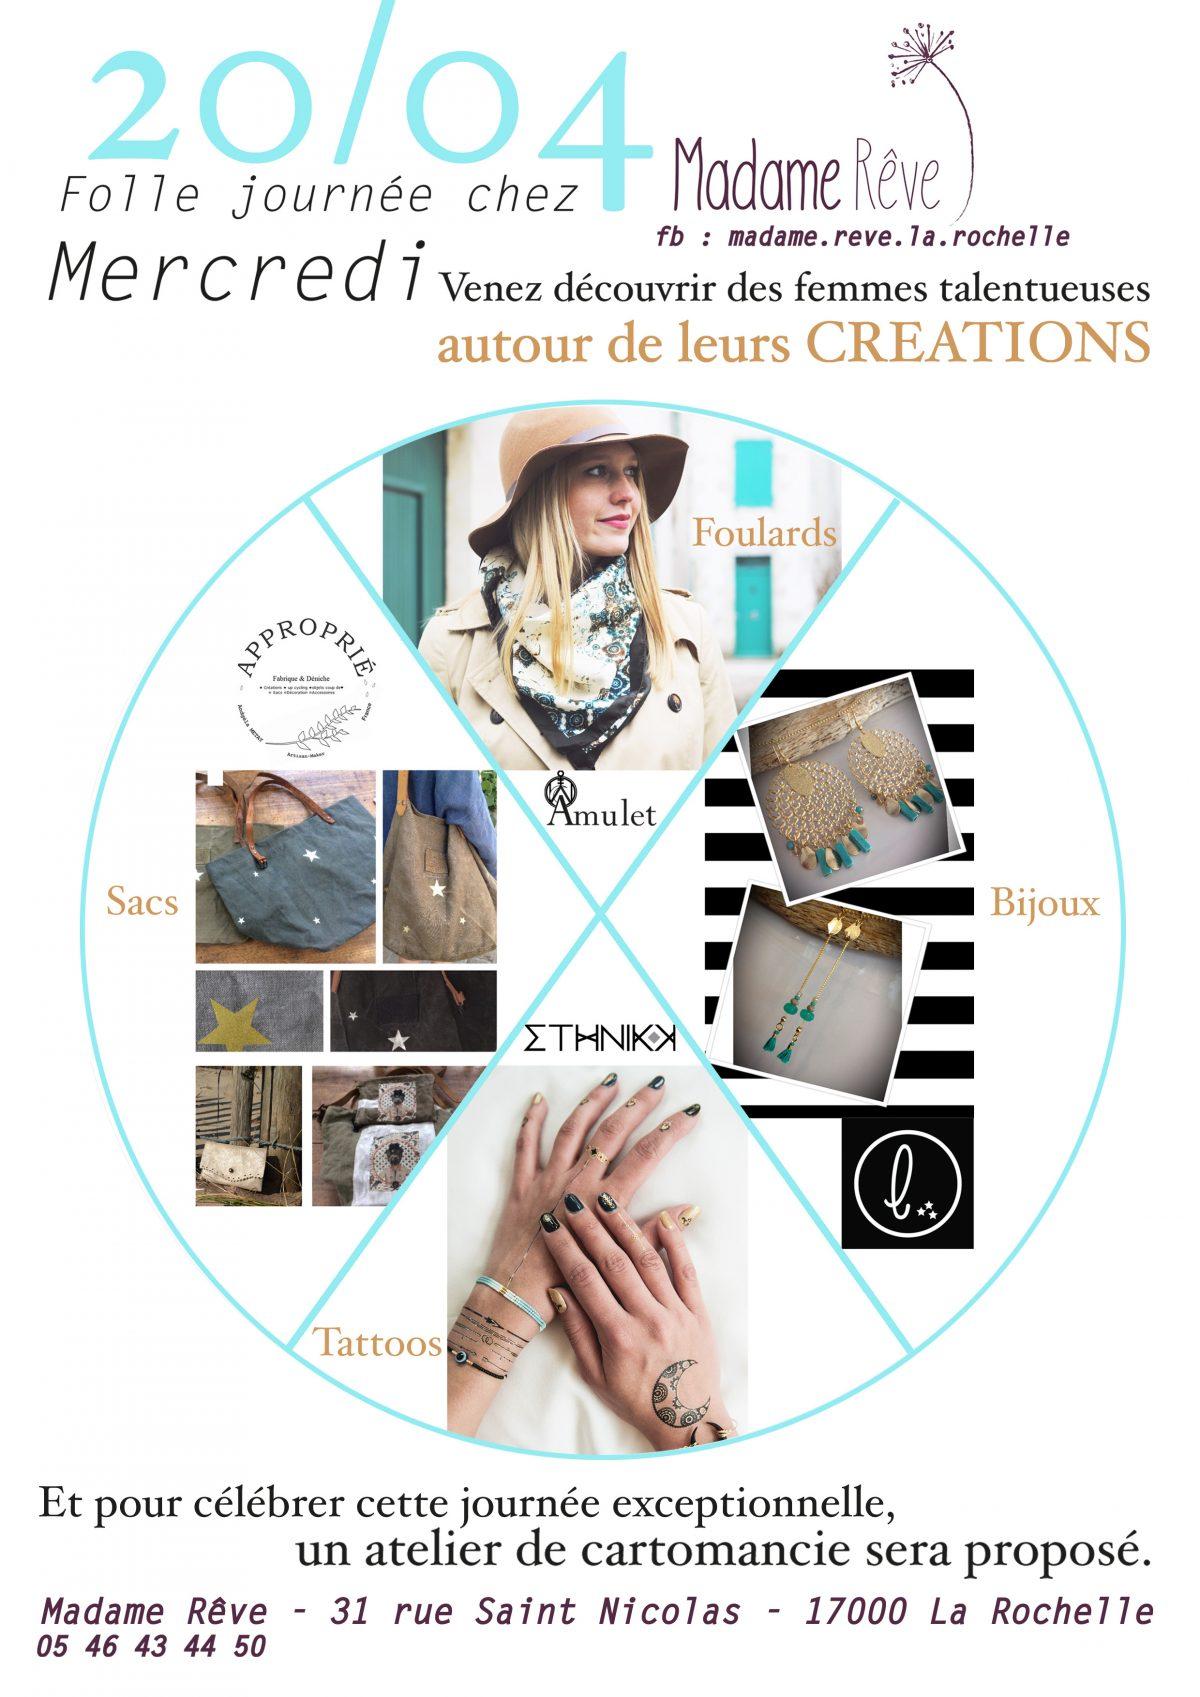 événement 20 04 2016 boutique créateurs Madame Rêve La Rochelle